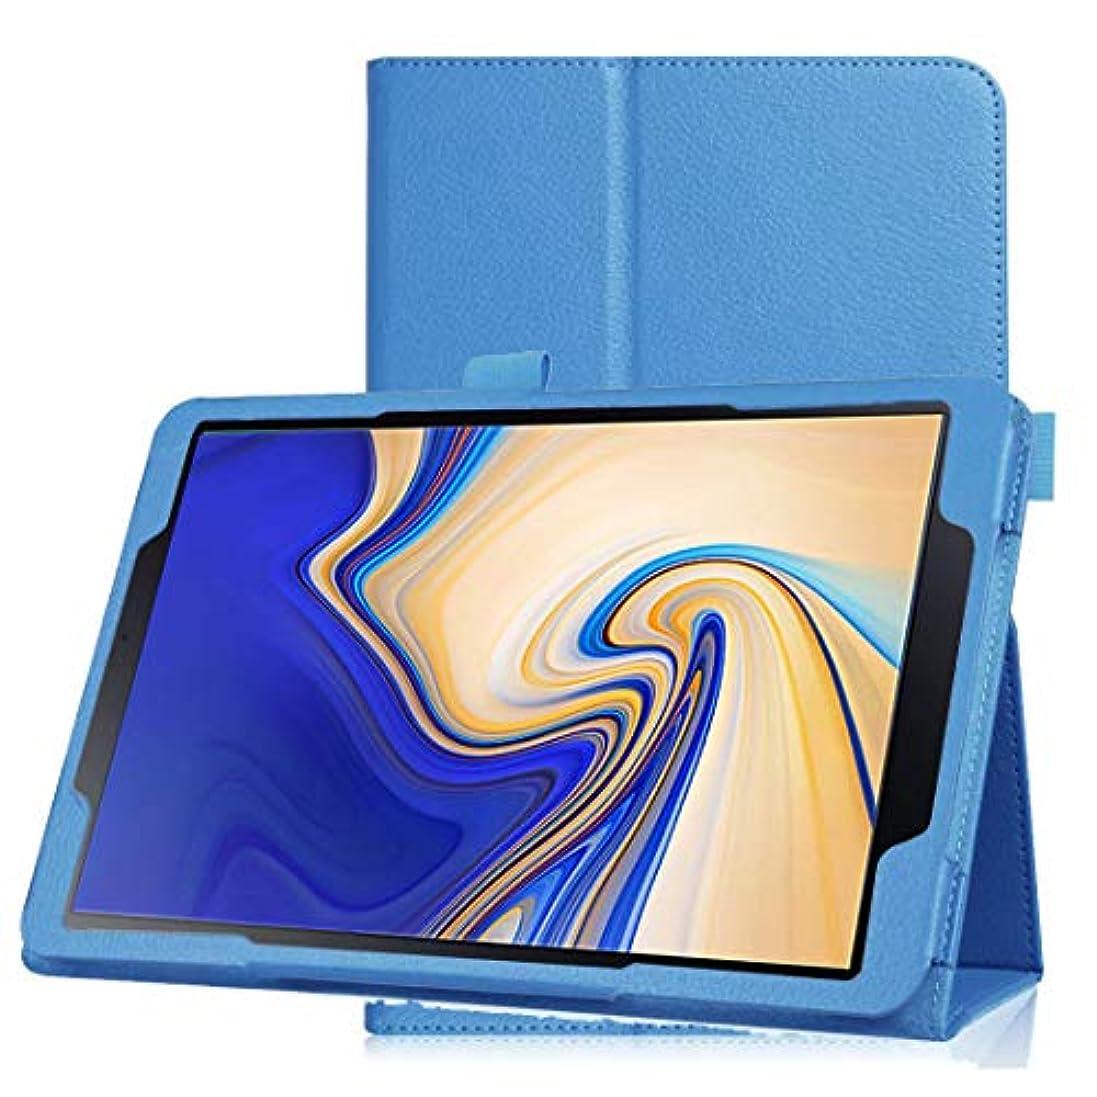 流す腹部貢献するGalaxy tab a 10.5 全面保護ケース INorton 本革ケース スタンド機能 衝撃吸収 PUレザー 軽量薄型 排熱性アップ ソフトケース T830 T835対応